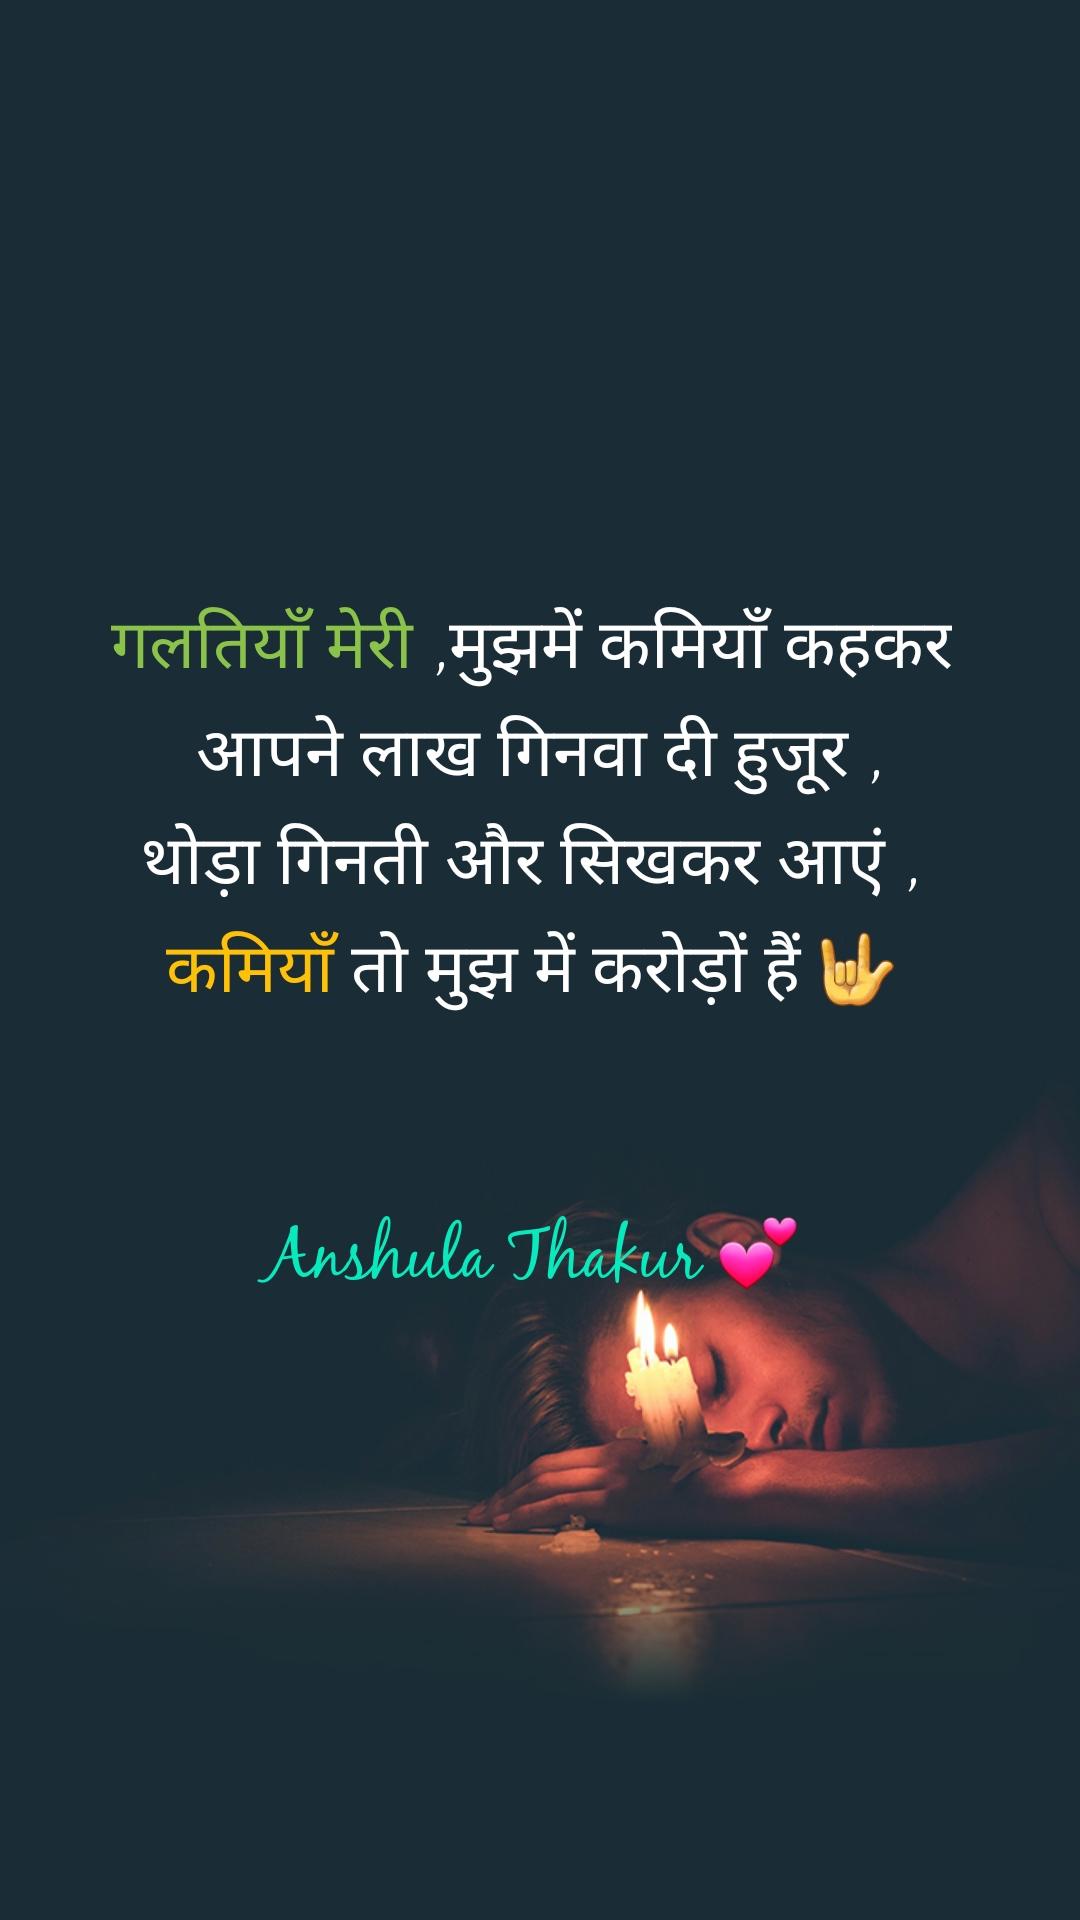 गलतियाँ मेरी ,मुझमें कमियाँ कहकर  आपने लाख गिनवा दी हुजूर , थोड़ा गिनती और सिखकर आएं , कमियाँ तो मुझ में करोड़ों हैं 🤟   Anshula Thakur 💕